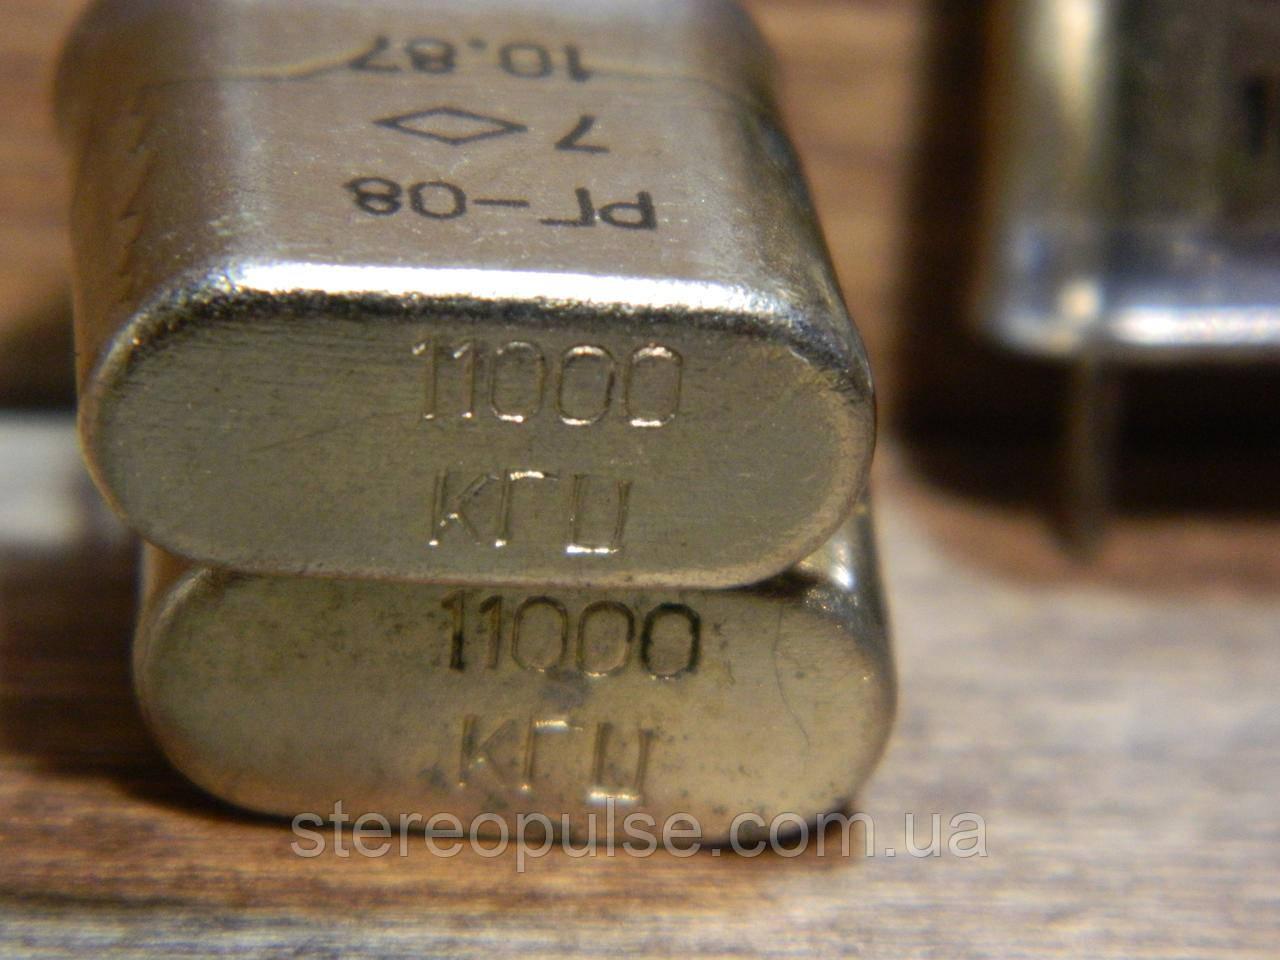 Кварцовий резонатор РГ08 1100 кГц